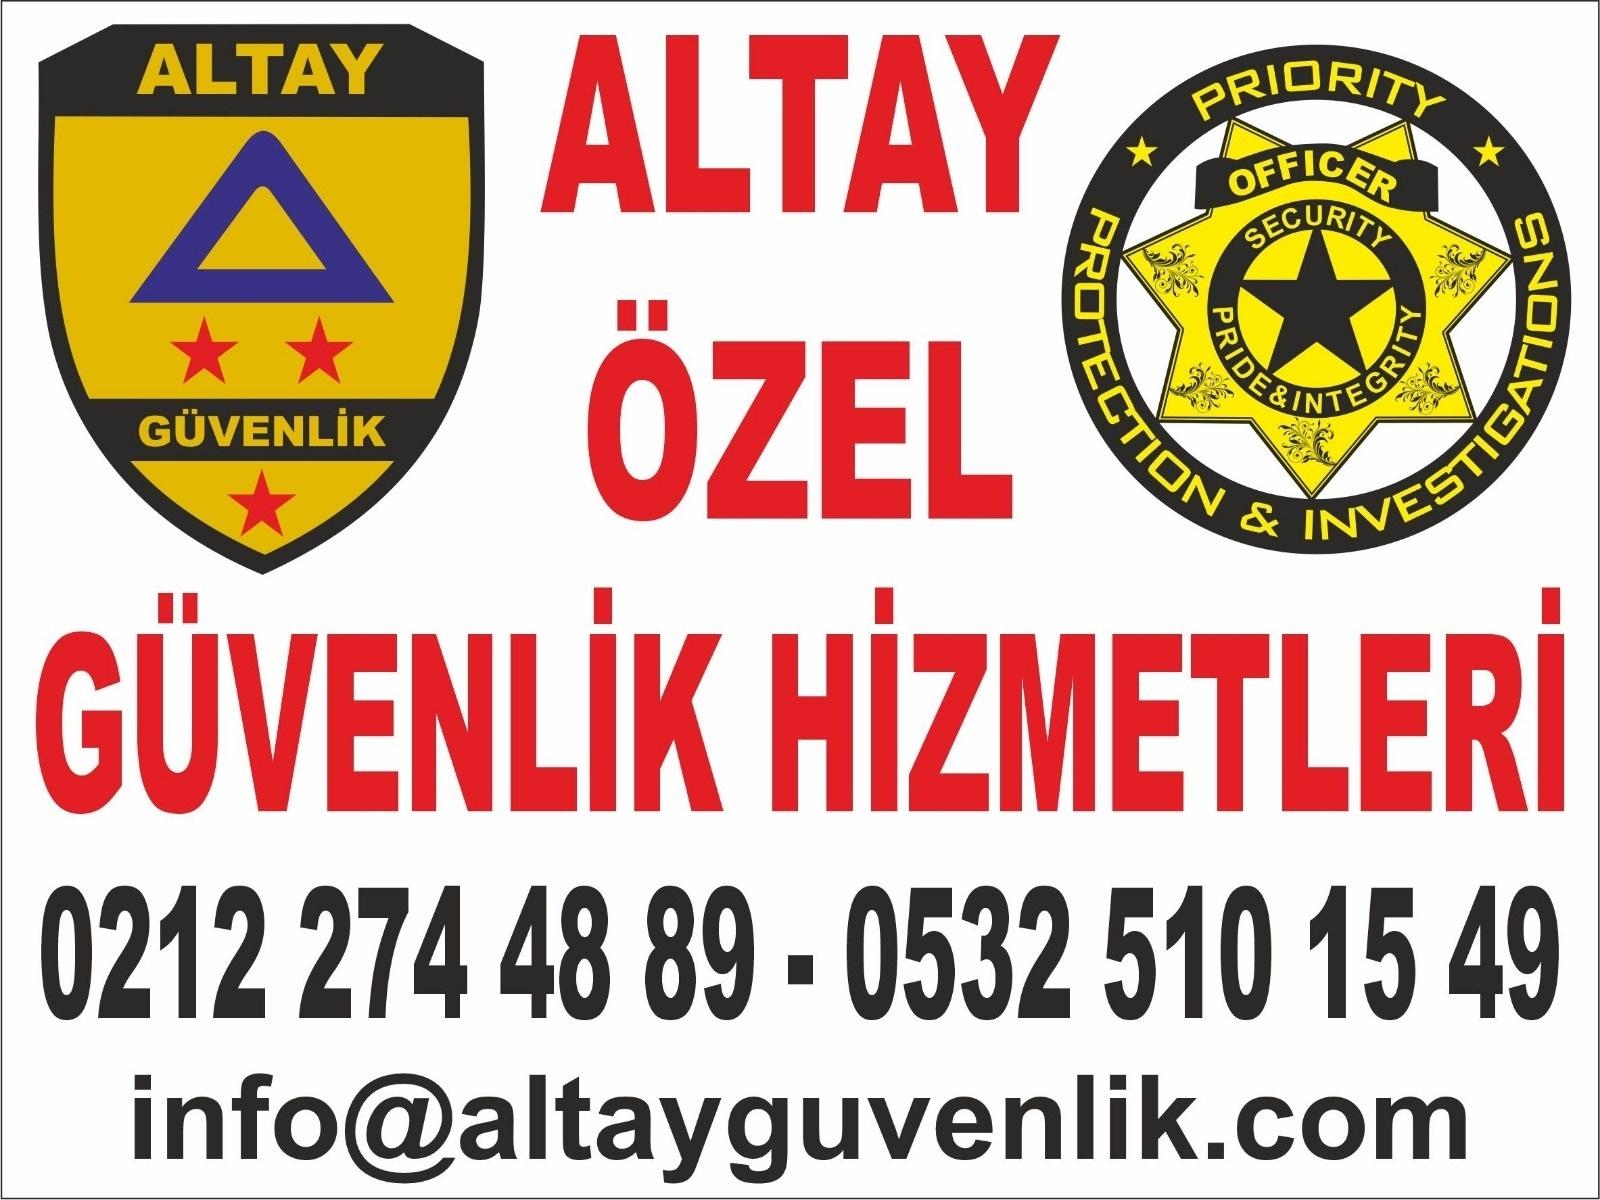 Altay Güvenlik